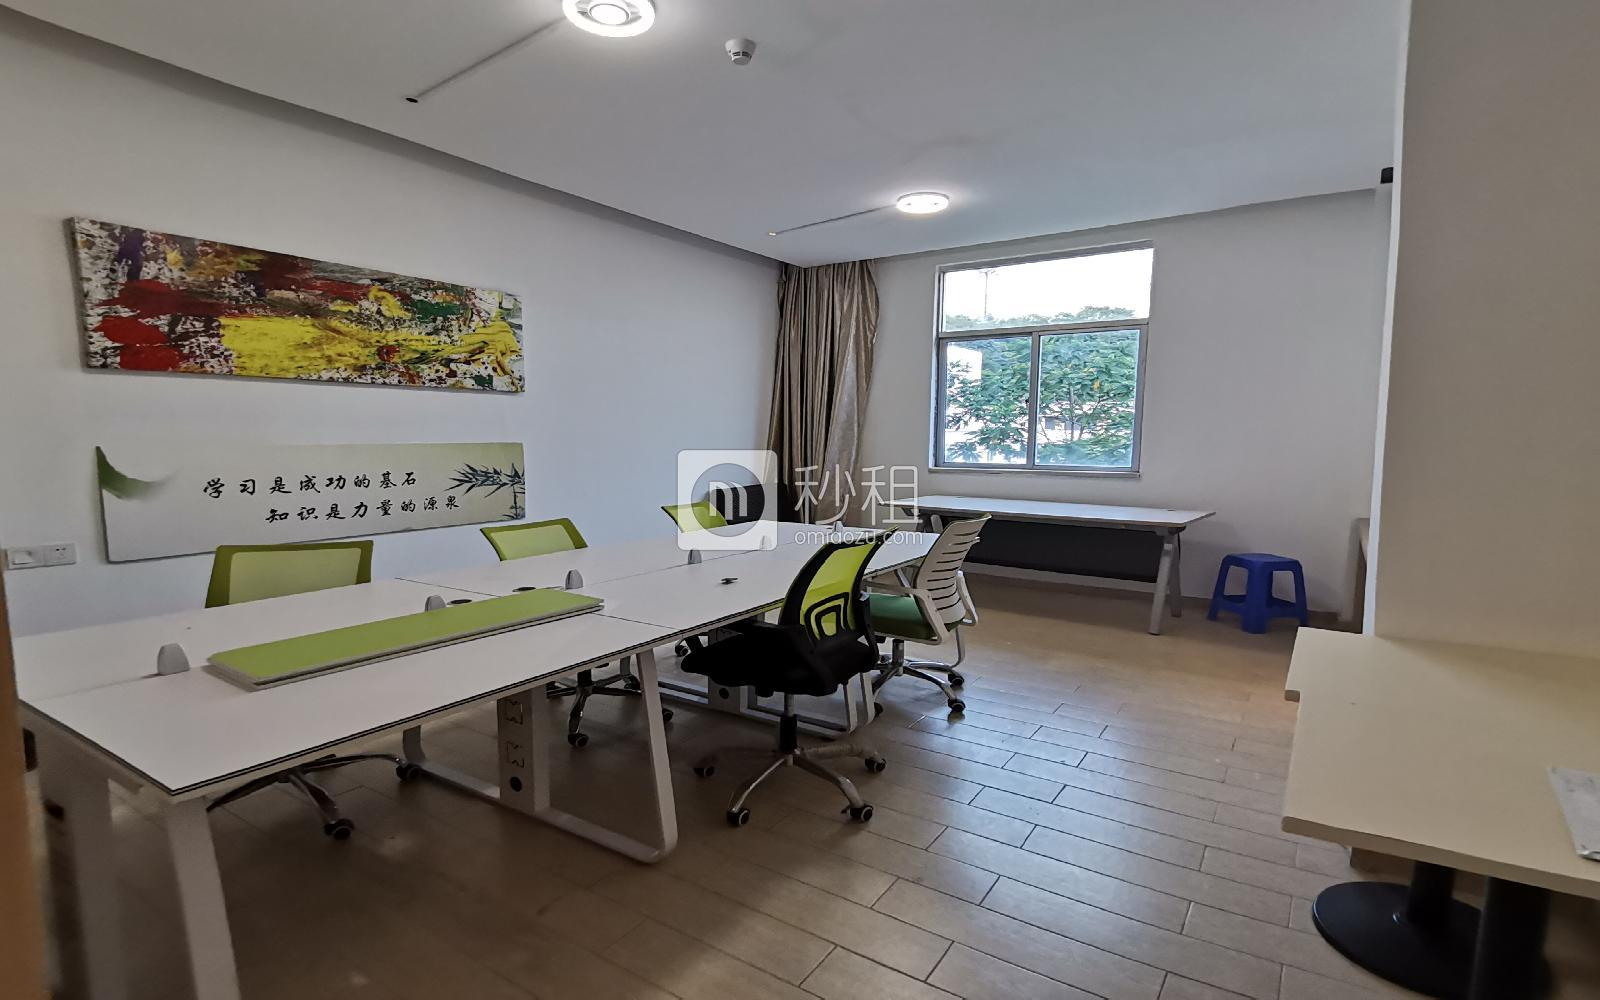 龙岗-横岗 大运软件小镇 40m²